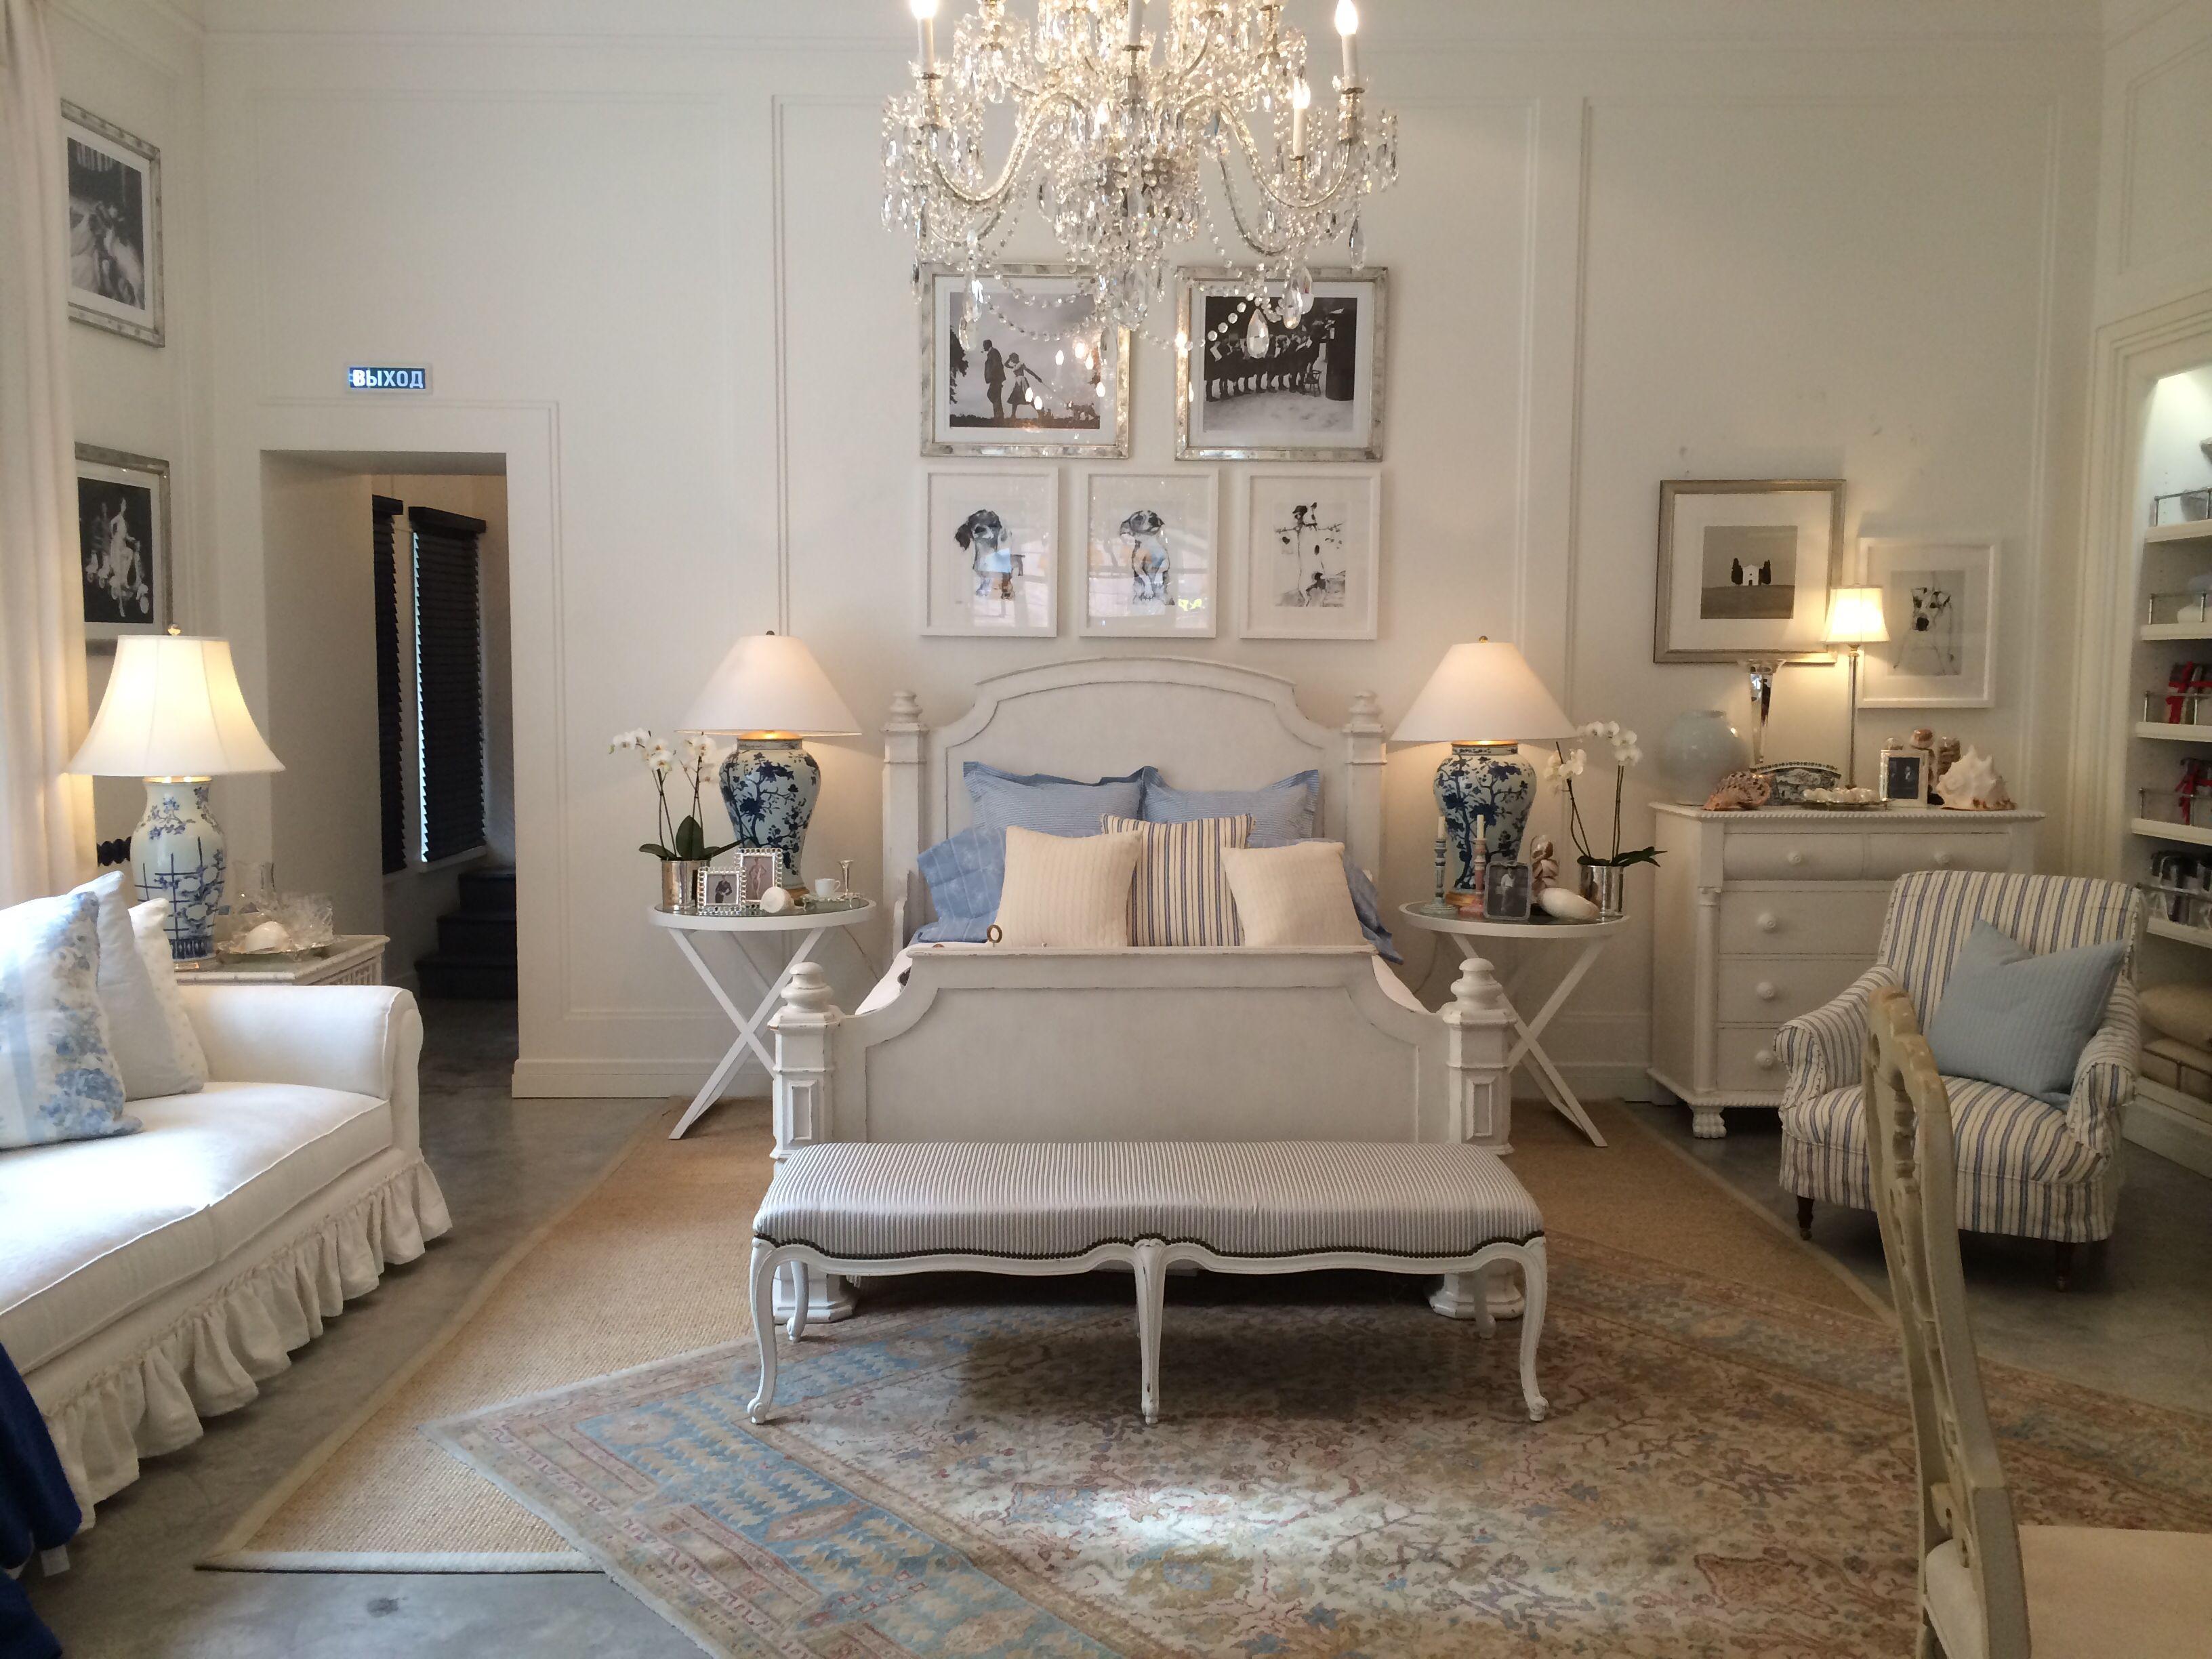 Rosecliff Bedroom from Ralph Lauren Home. JAXON ROOM